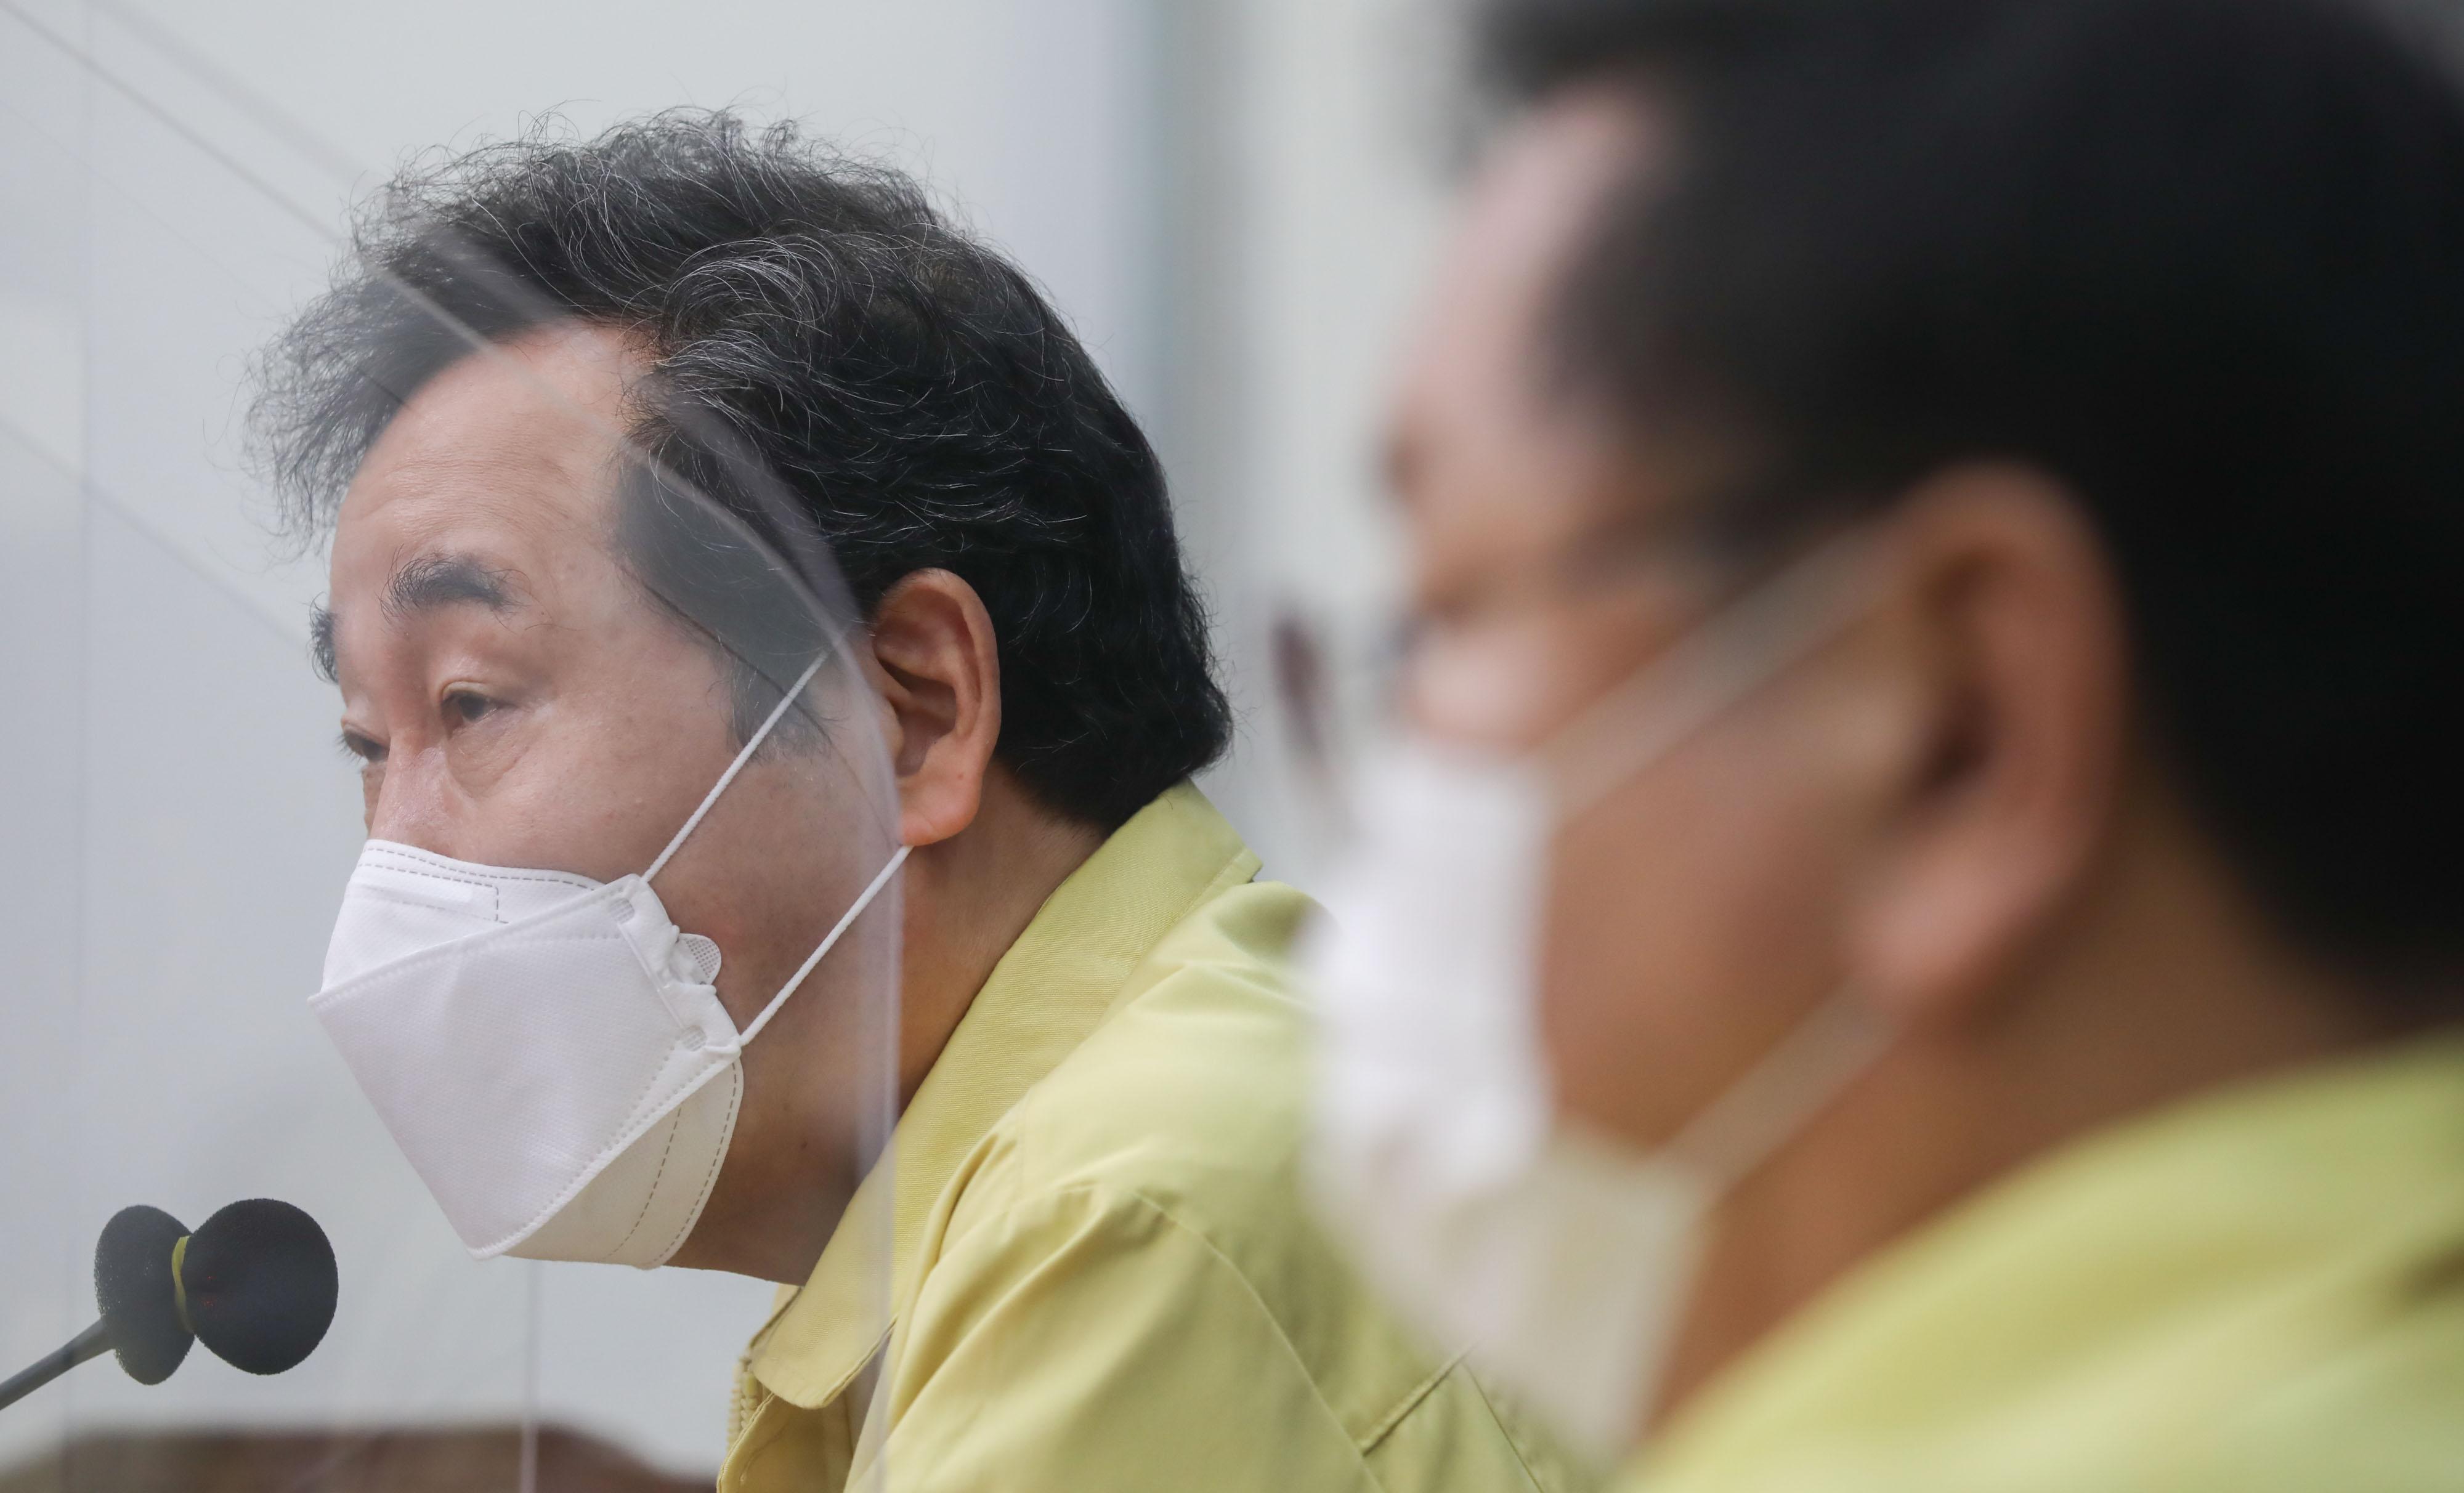 """이낙연 """"추미애 관련 의혹 사실 가리되 과잉대응 자제해야"""""""